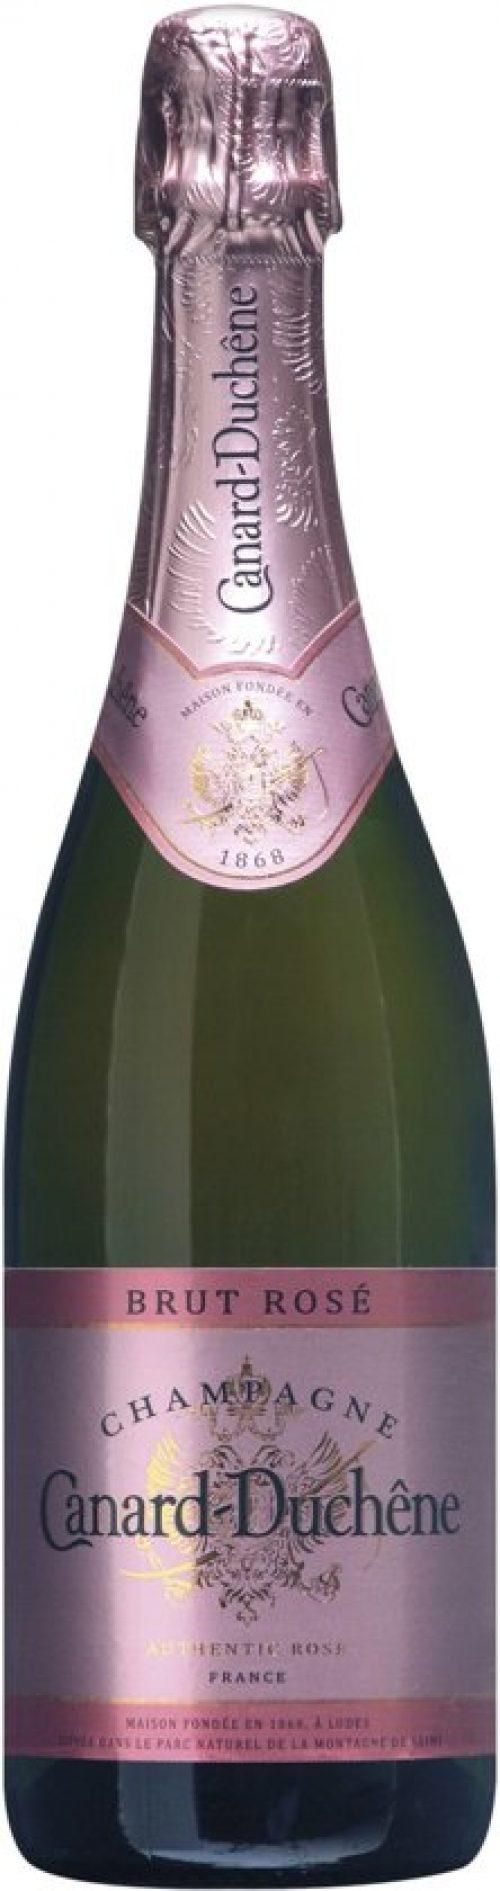 Canard-Duchêne Brut Rosé 75CL